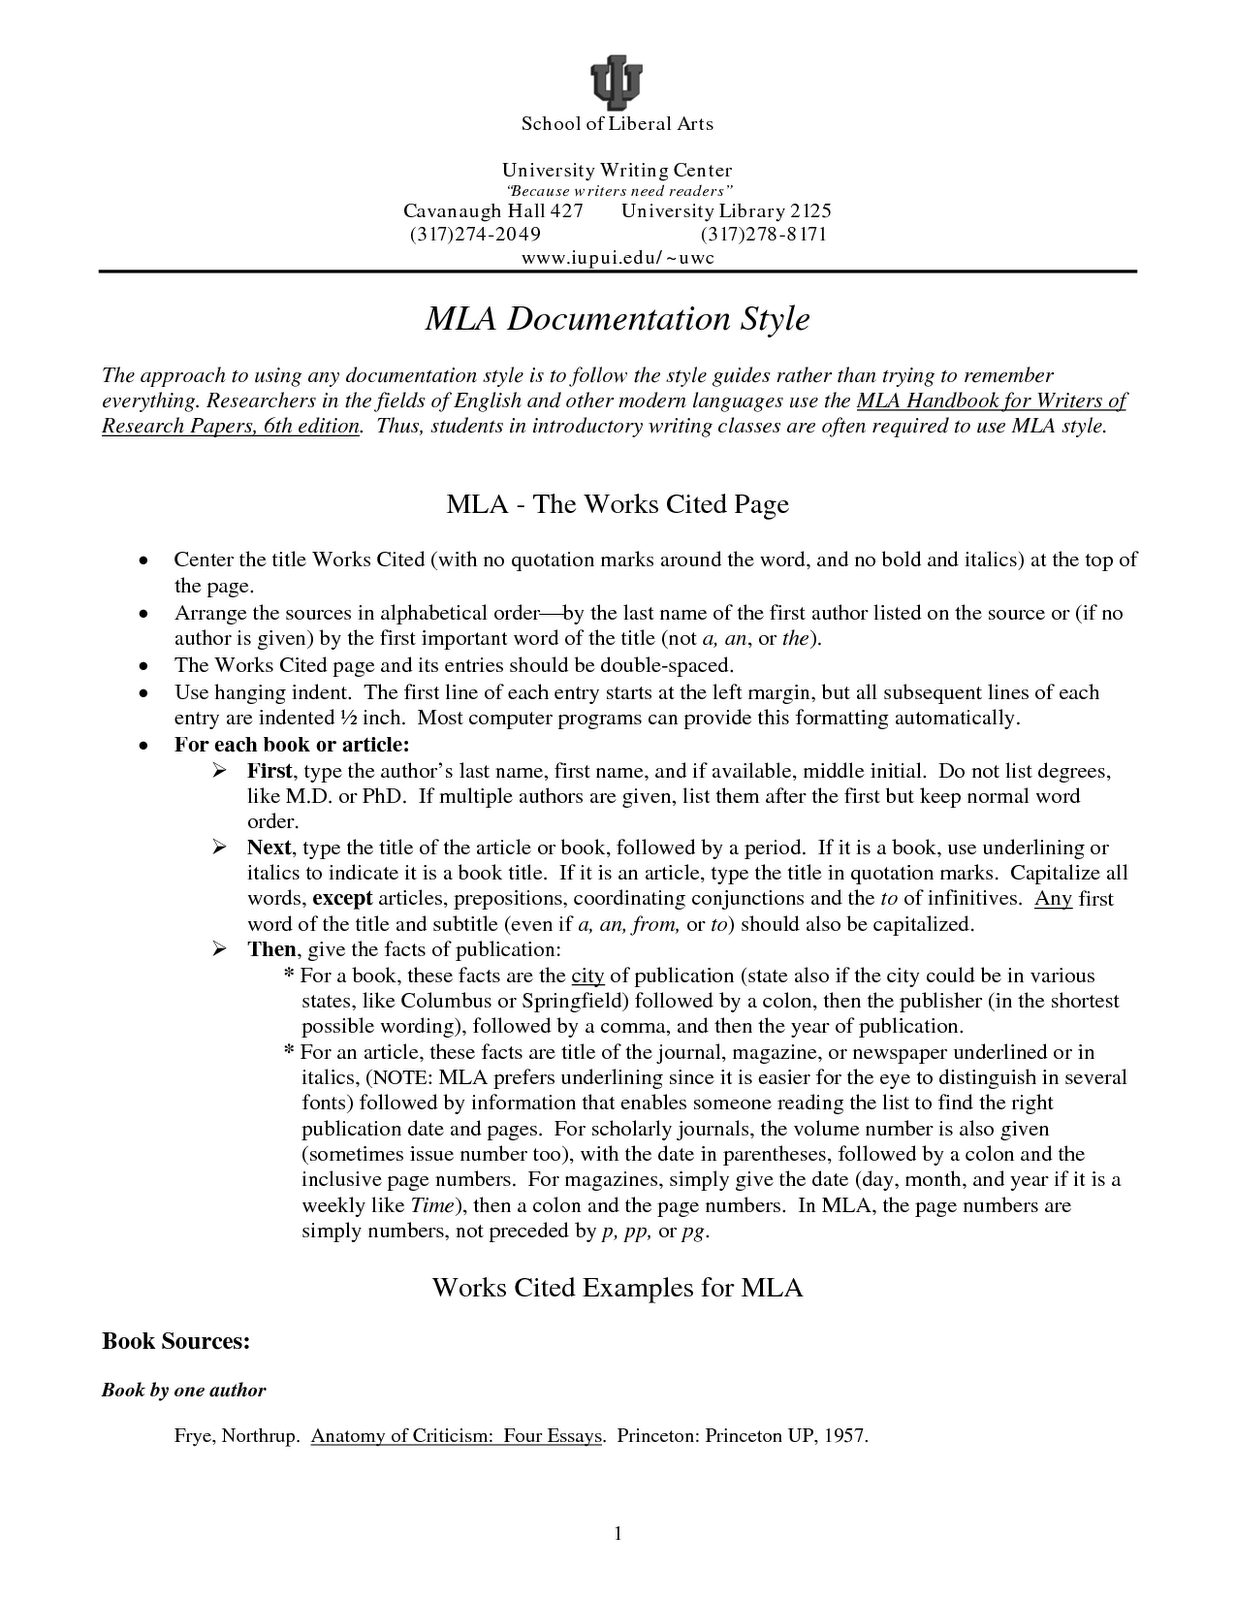 lowongan kerja dalam bahasa inggris 2017